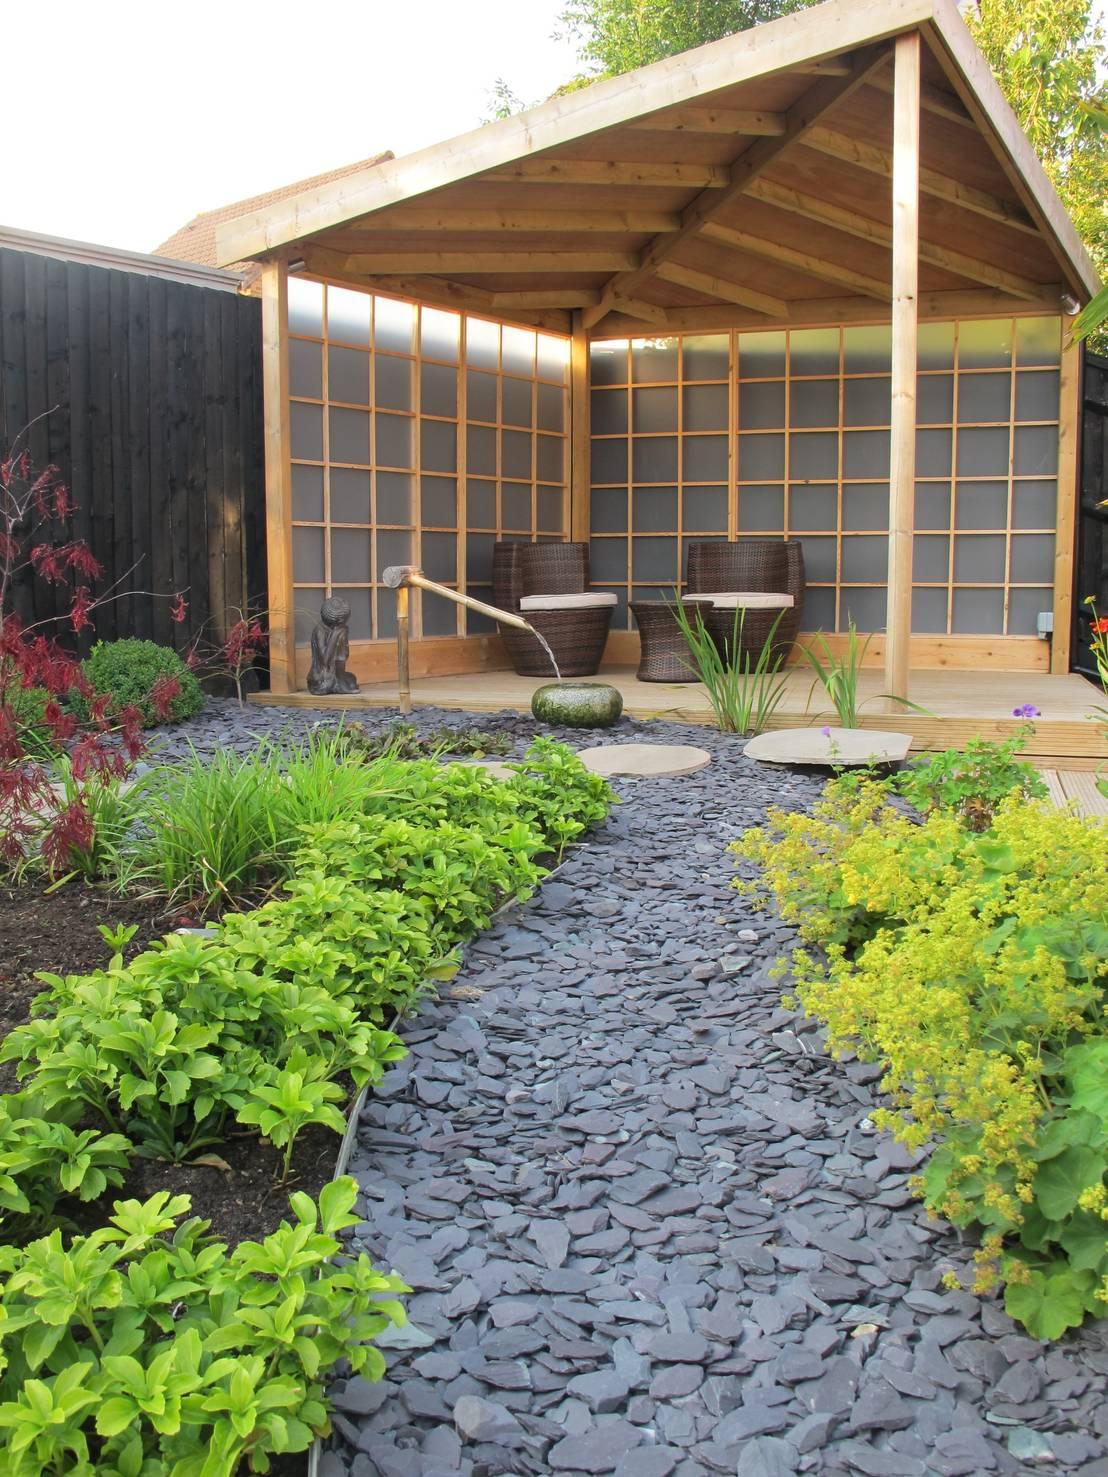 Katherine Roper Landscape & Garden Design: Zen Inspired